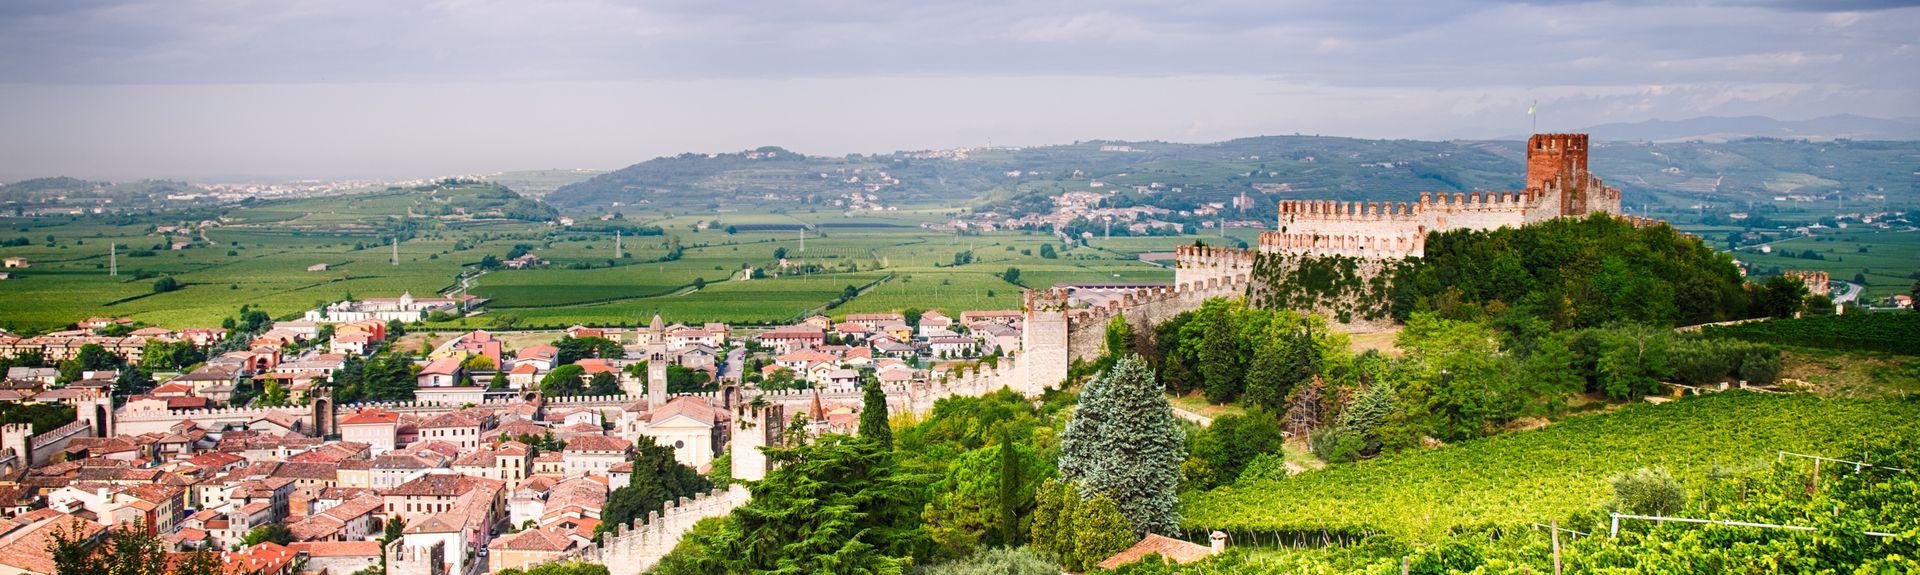 Véneto, Italia